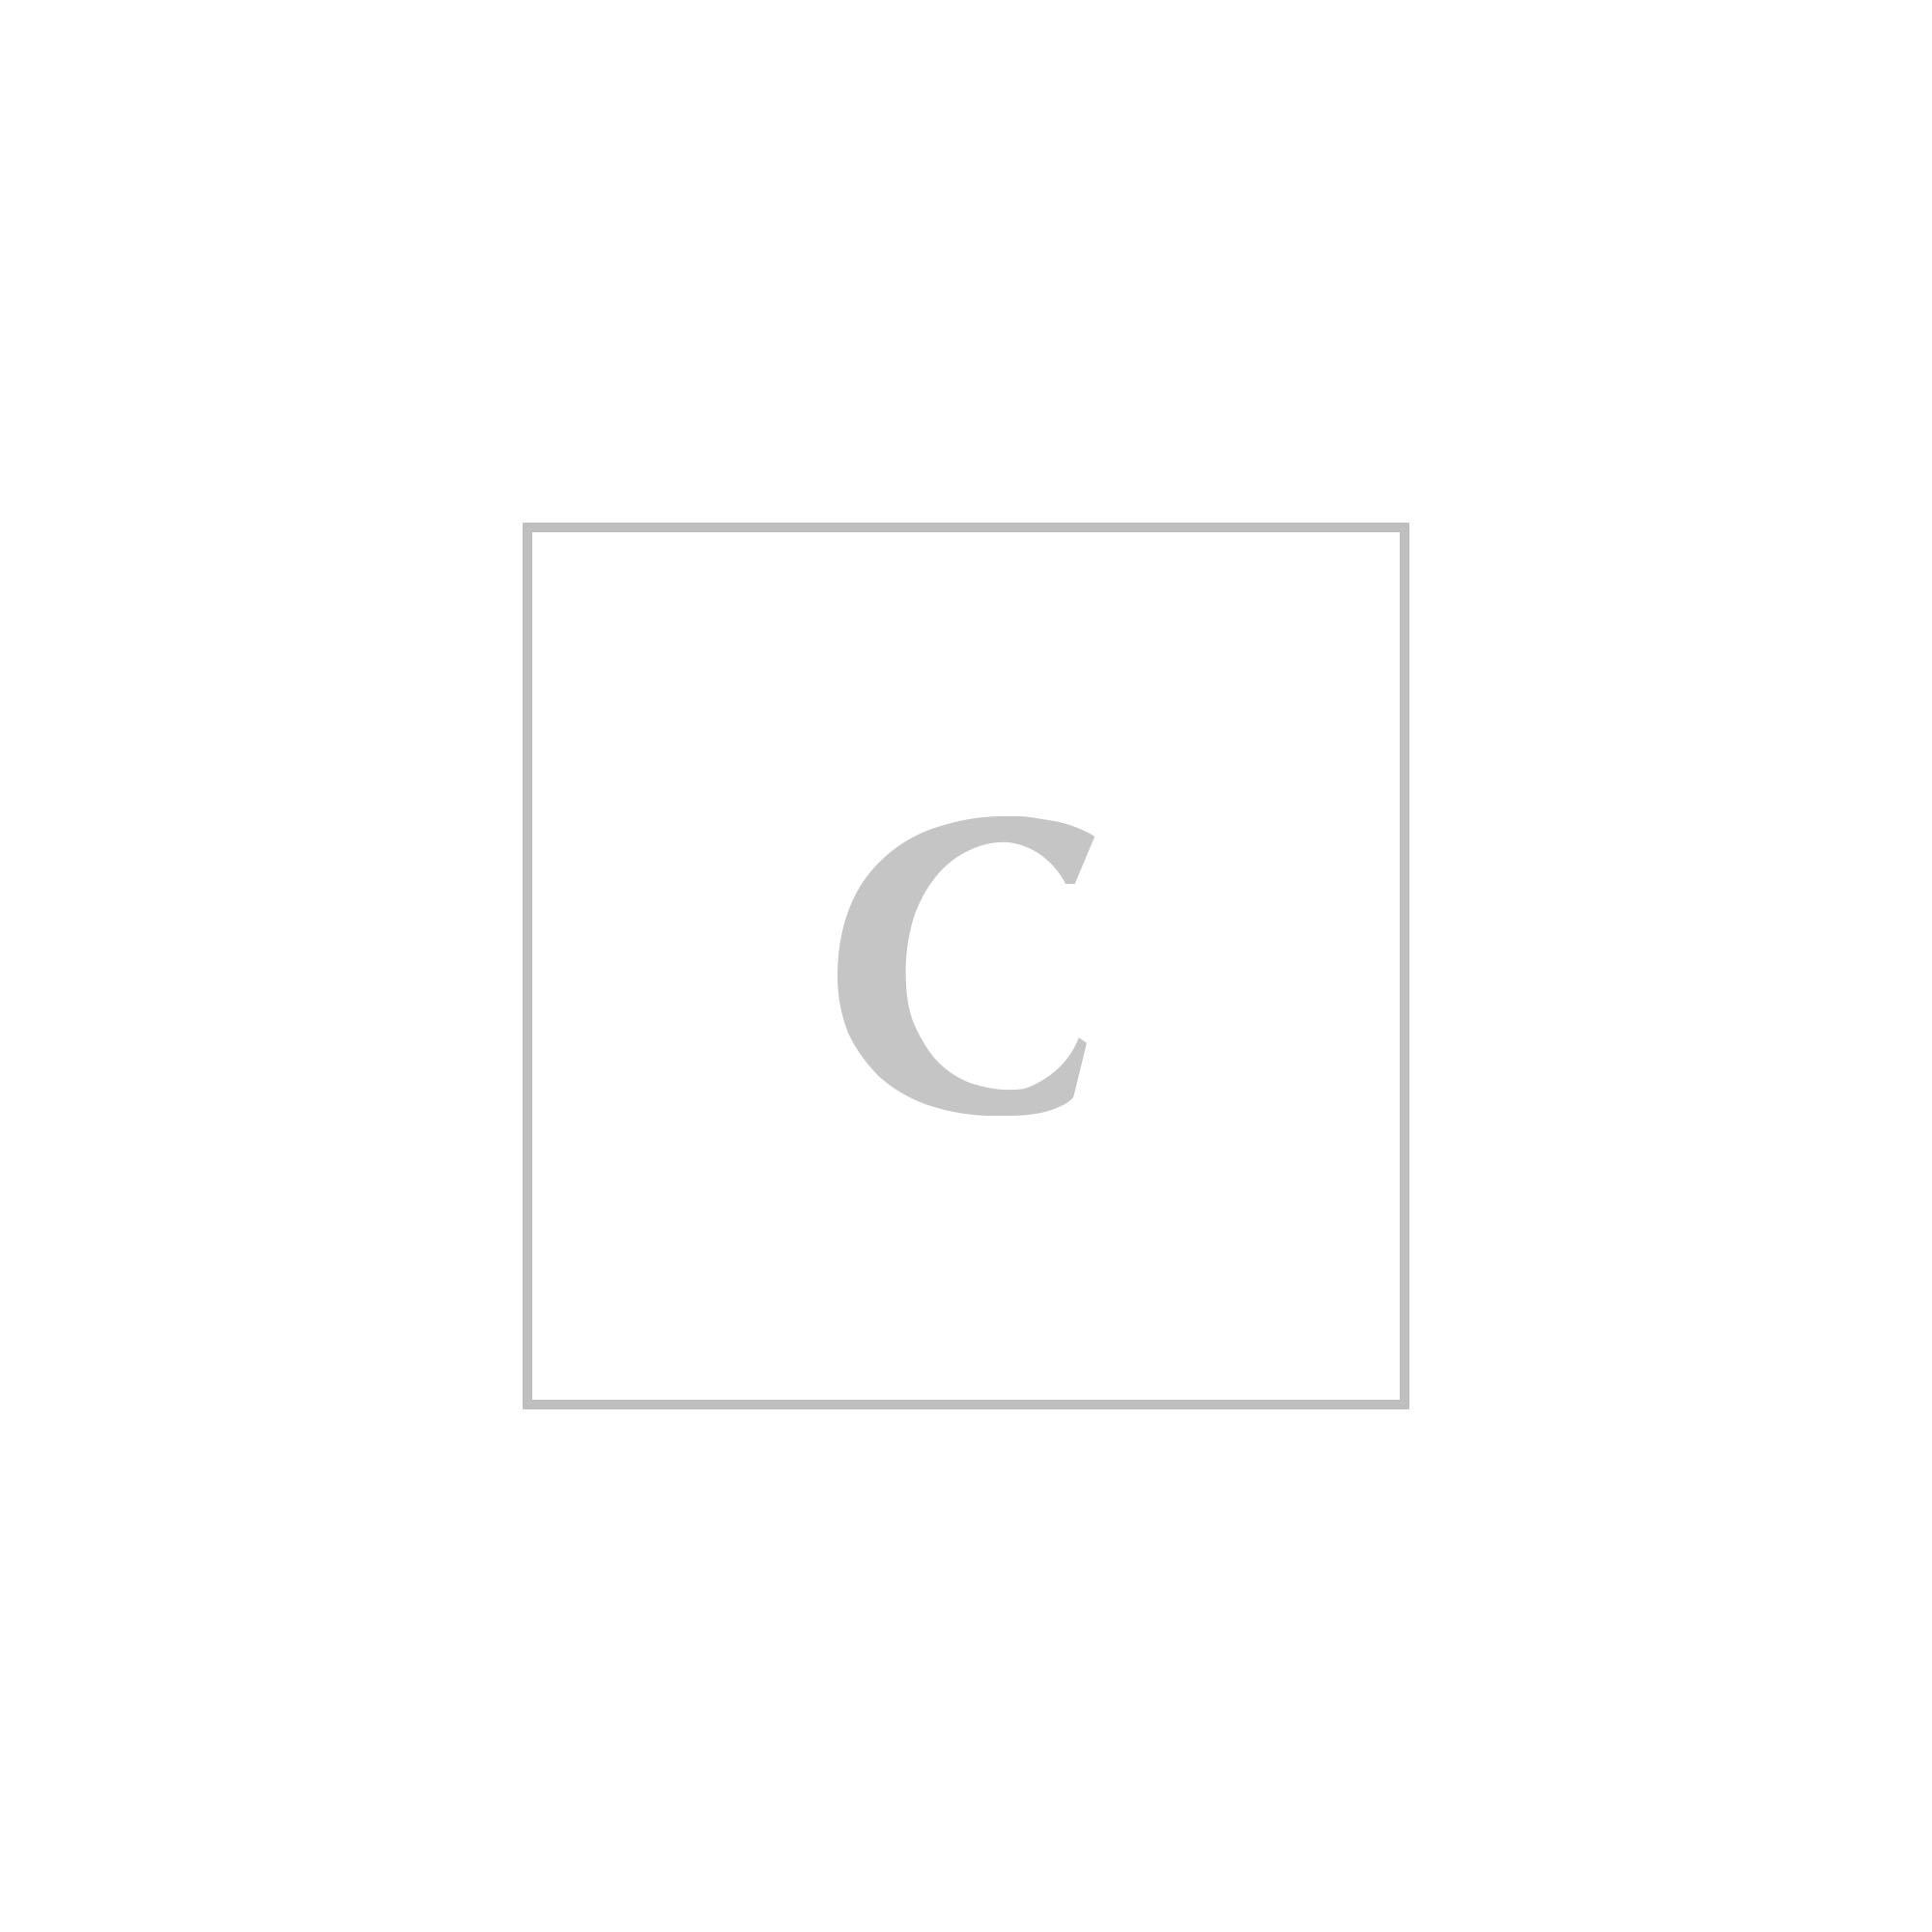 burberry abbigliamento donna impermeabile kensington corto